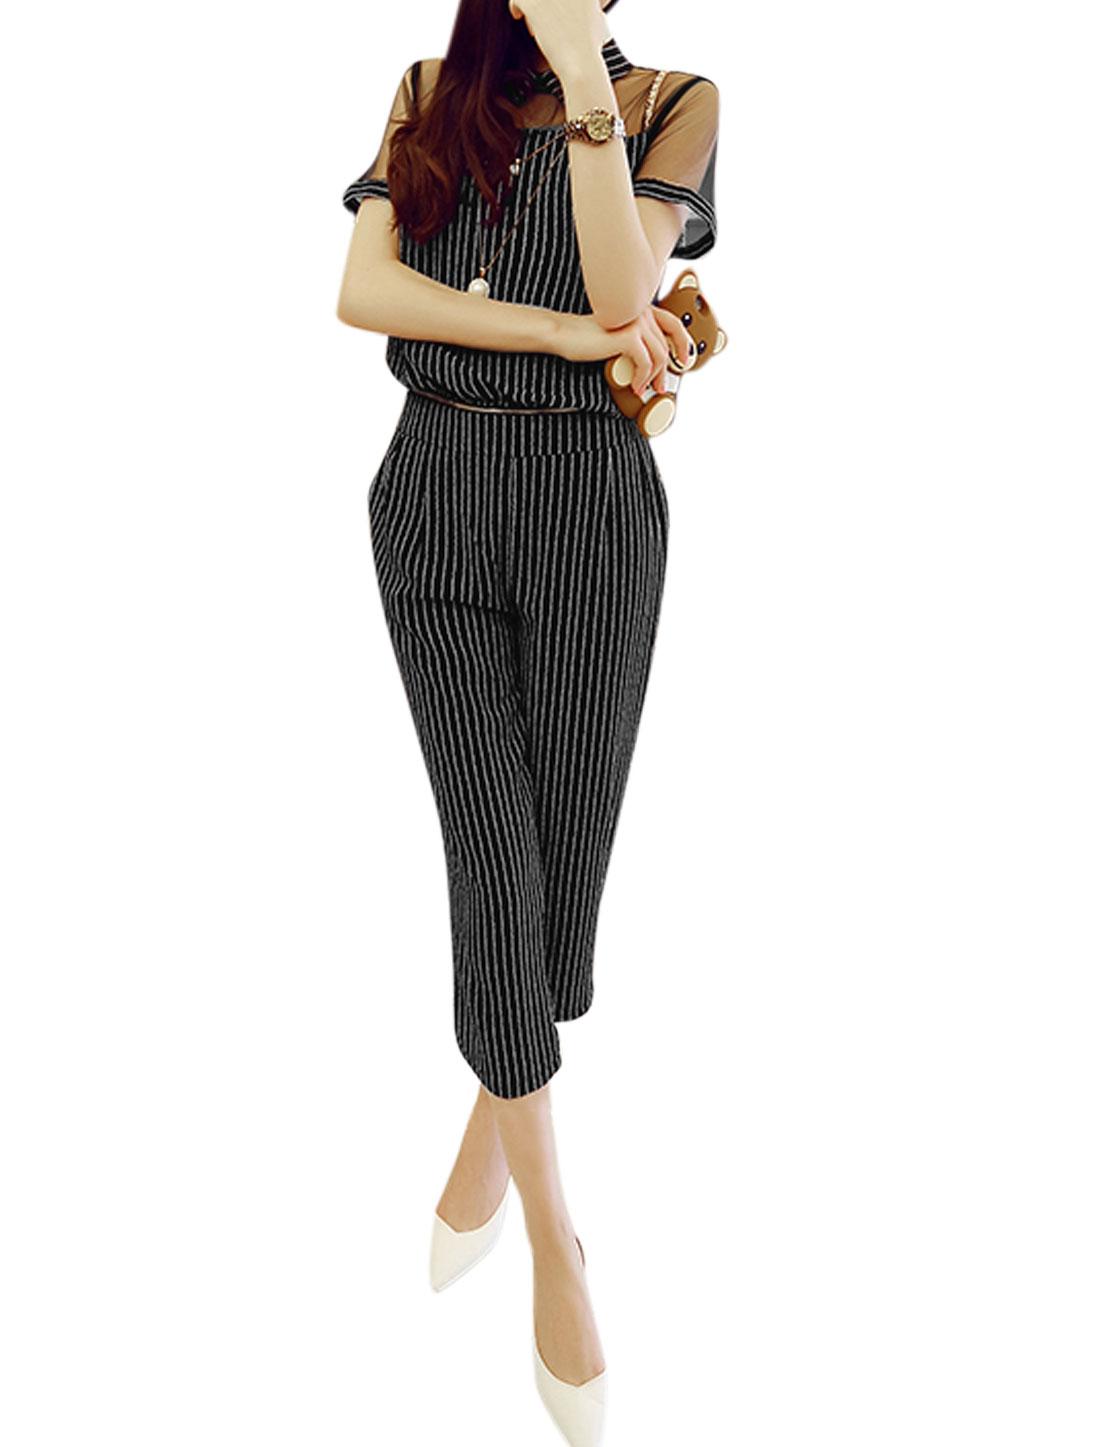 Ladies Vertical Stripes Mesh Panel Removable Jumpsuit Navy Blue S